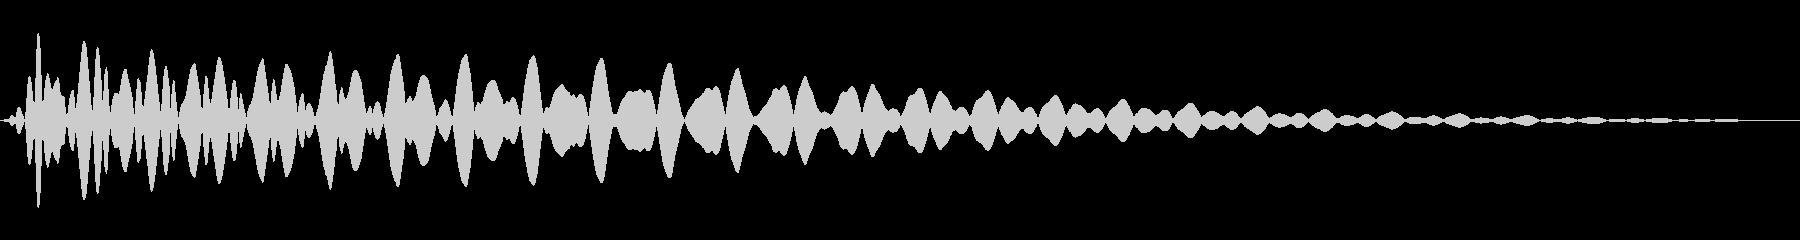 PureTouch アプリ用タッチ音70の未再生の波形